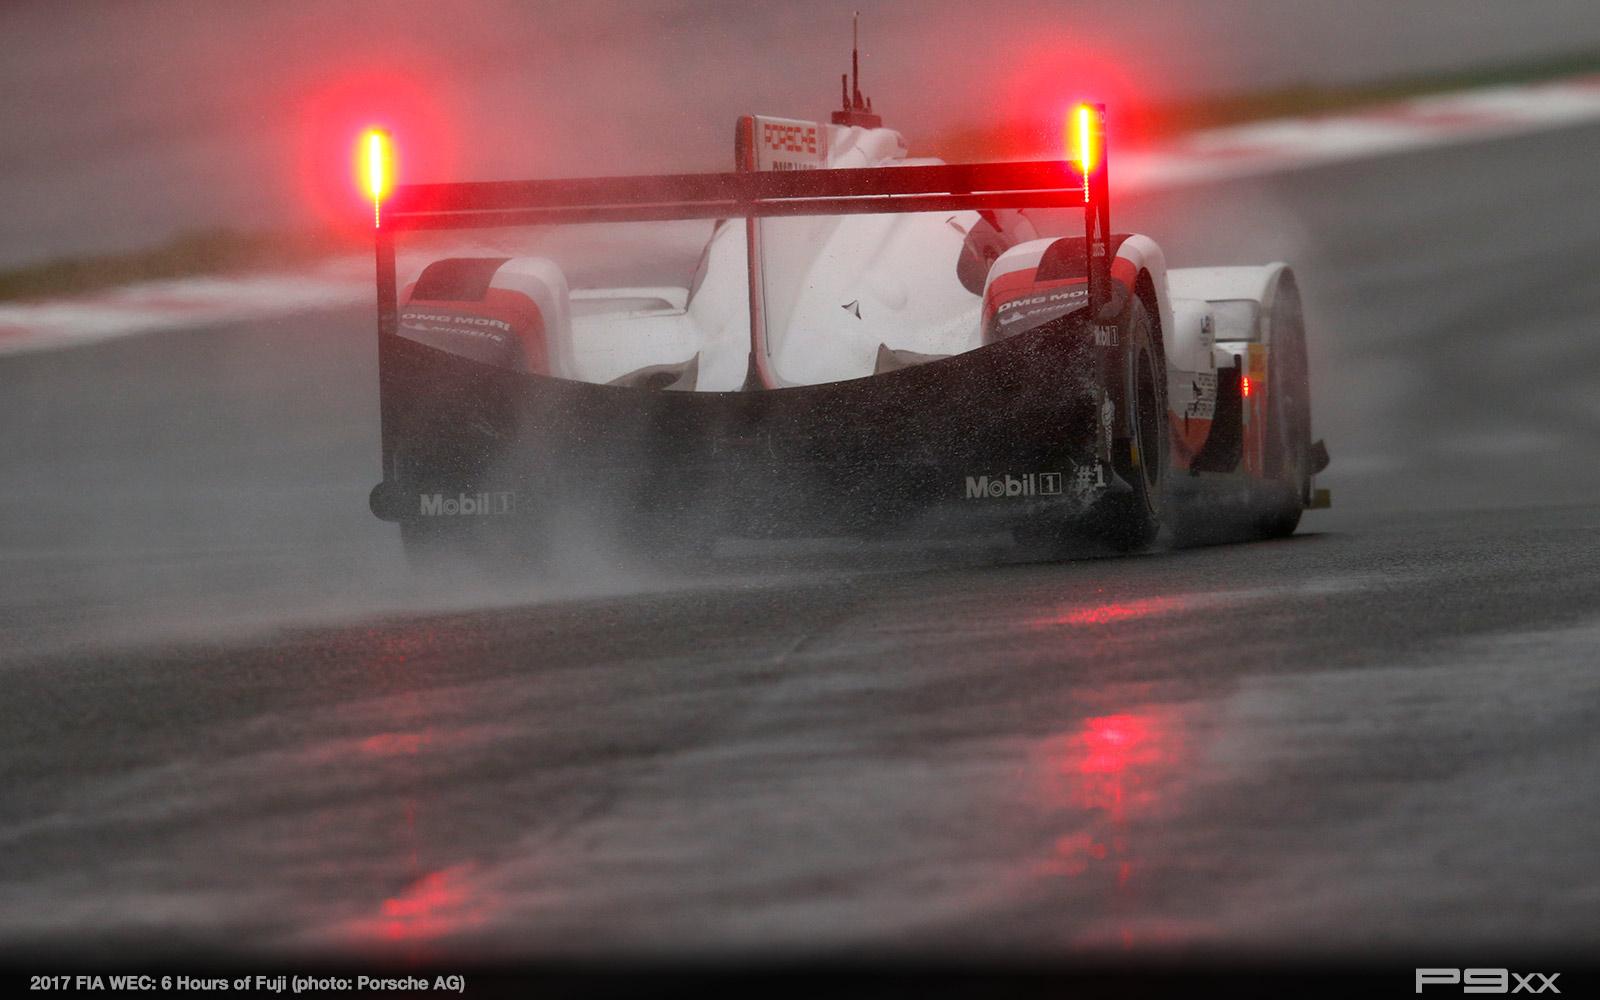 2017-FIA-WEC-6h-of-Fuji-Porsche-370